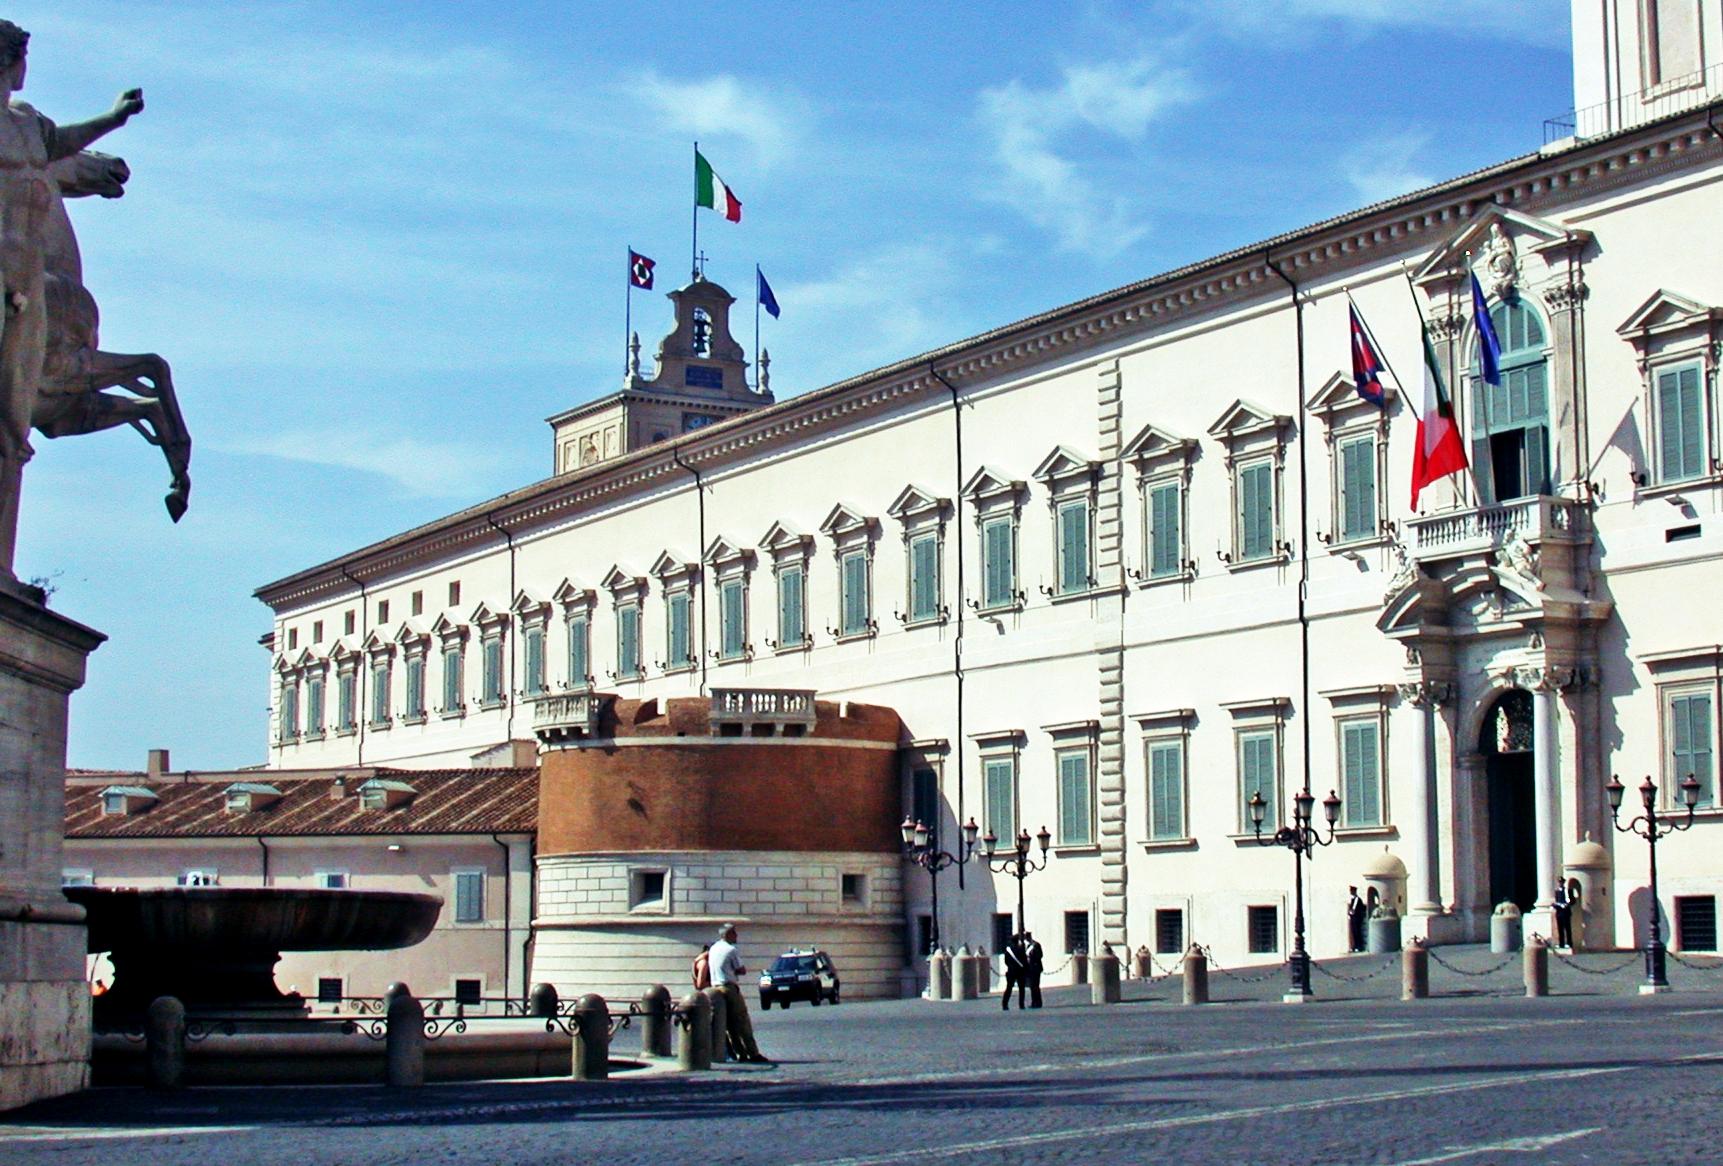 La Fondazione Einaudi esprime fiducia e sostegno alla Presidenza della Repubblica